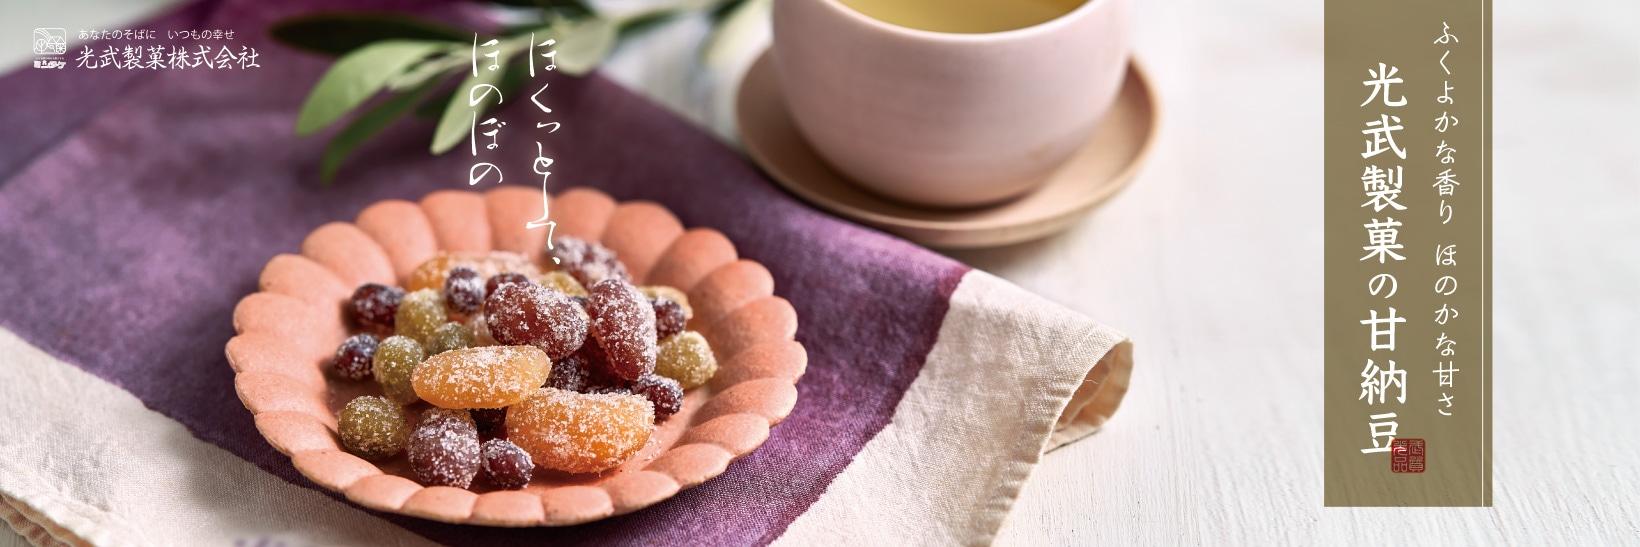 光武製菓の甘納豆